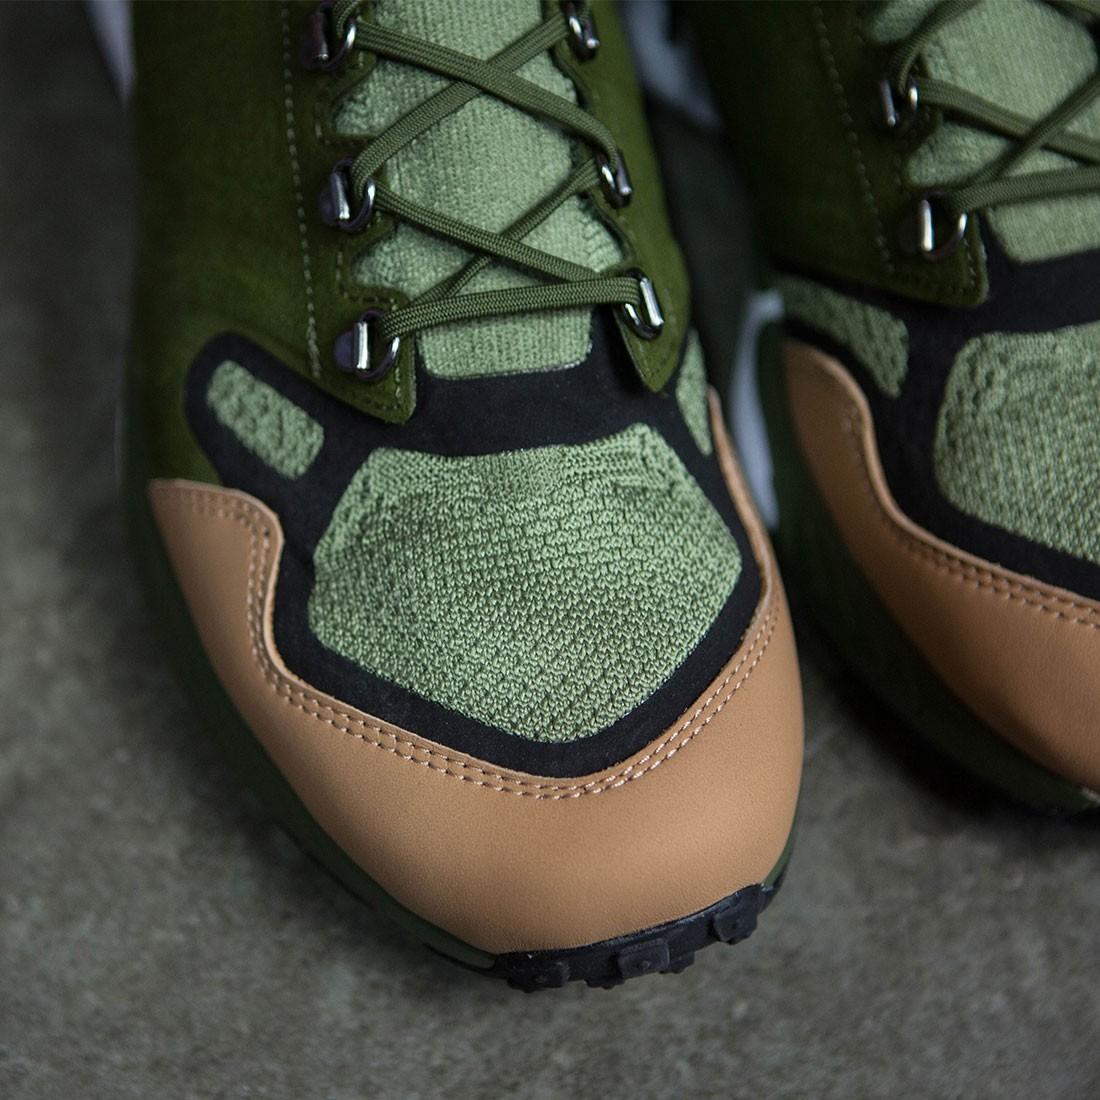 f3751180b8422 Nike Men Air Zoom Talaria Mid Flyknit Premium (palm green   legion green- vachetta tan)